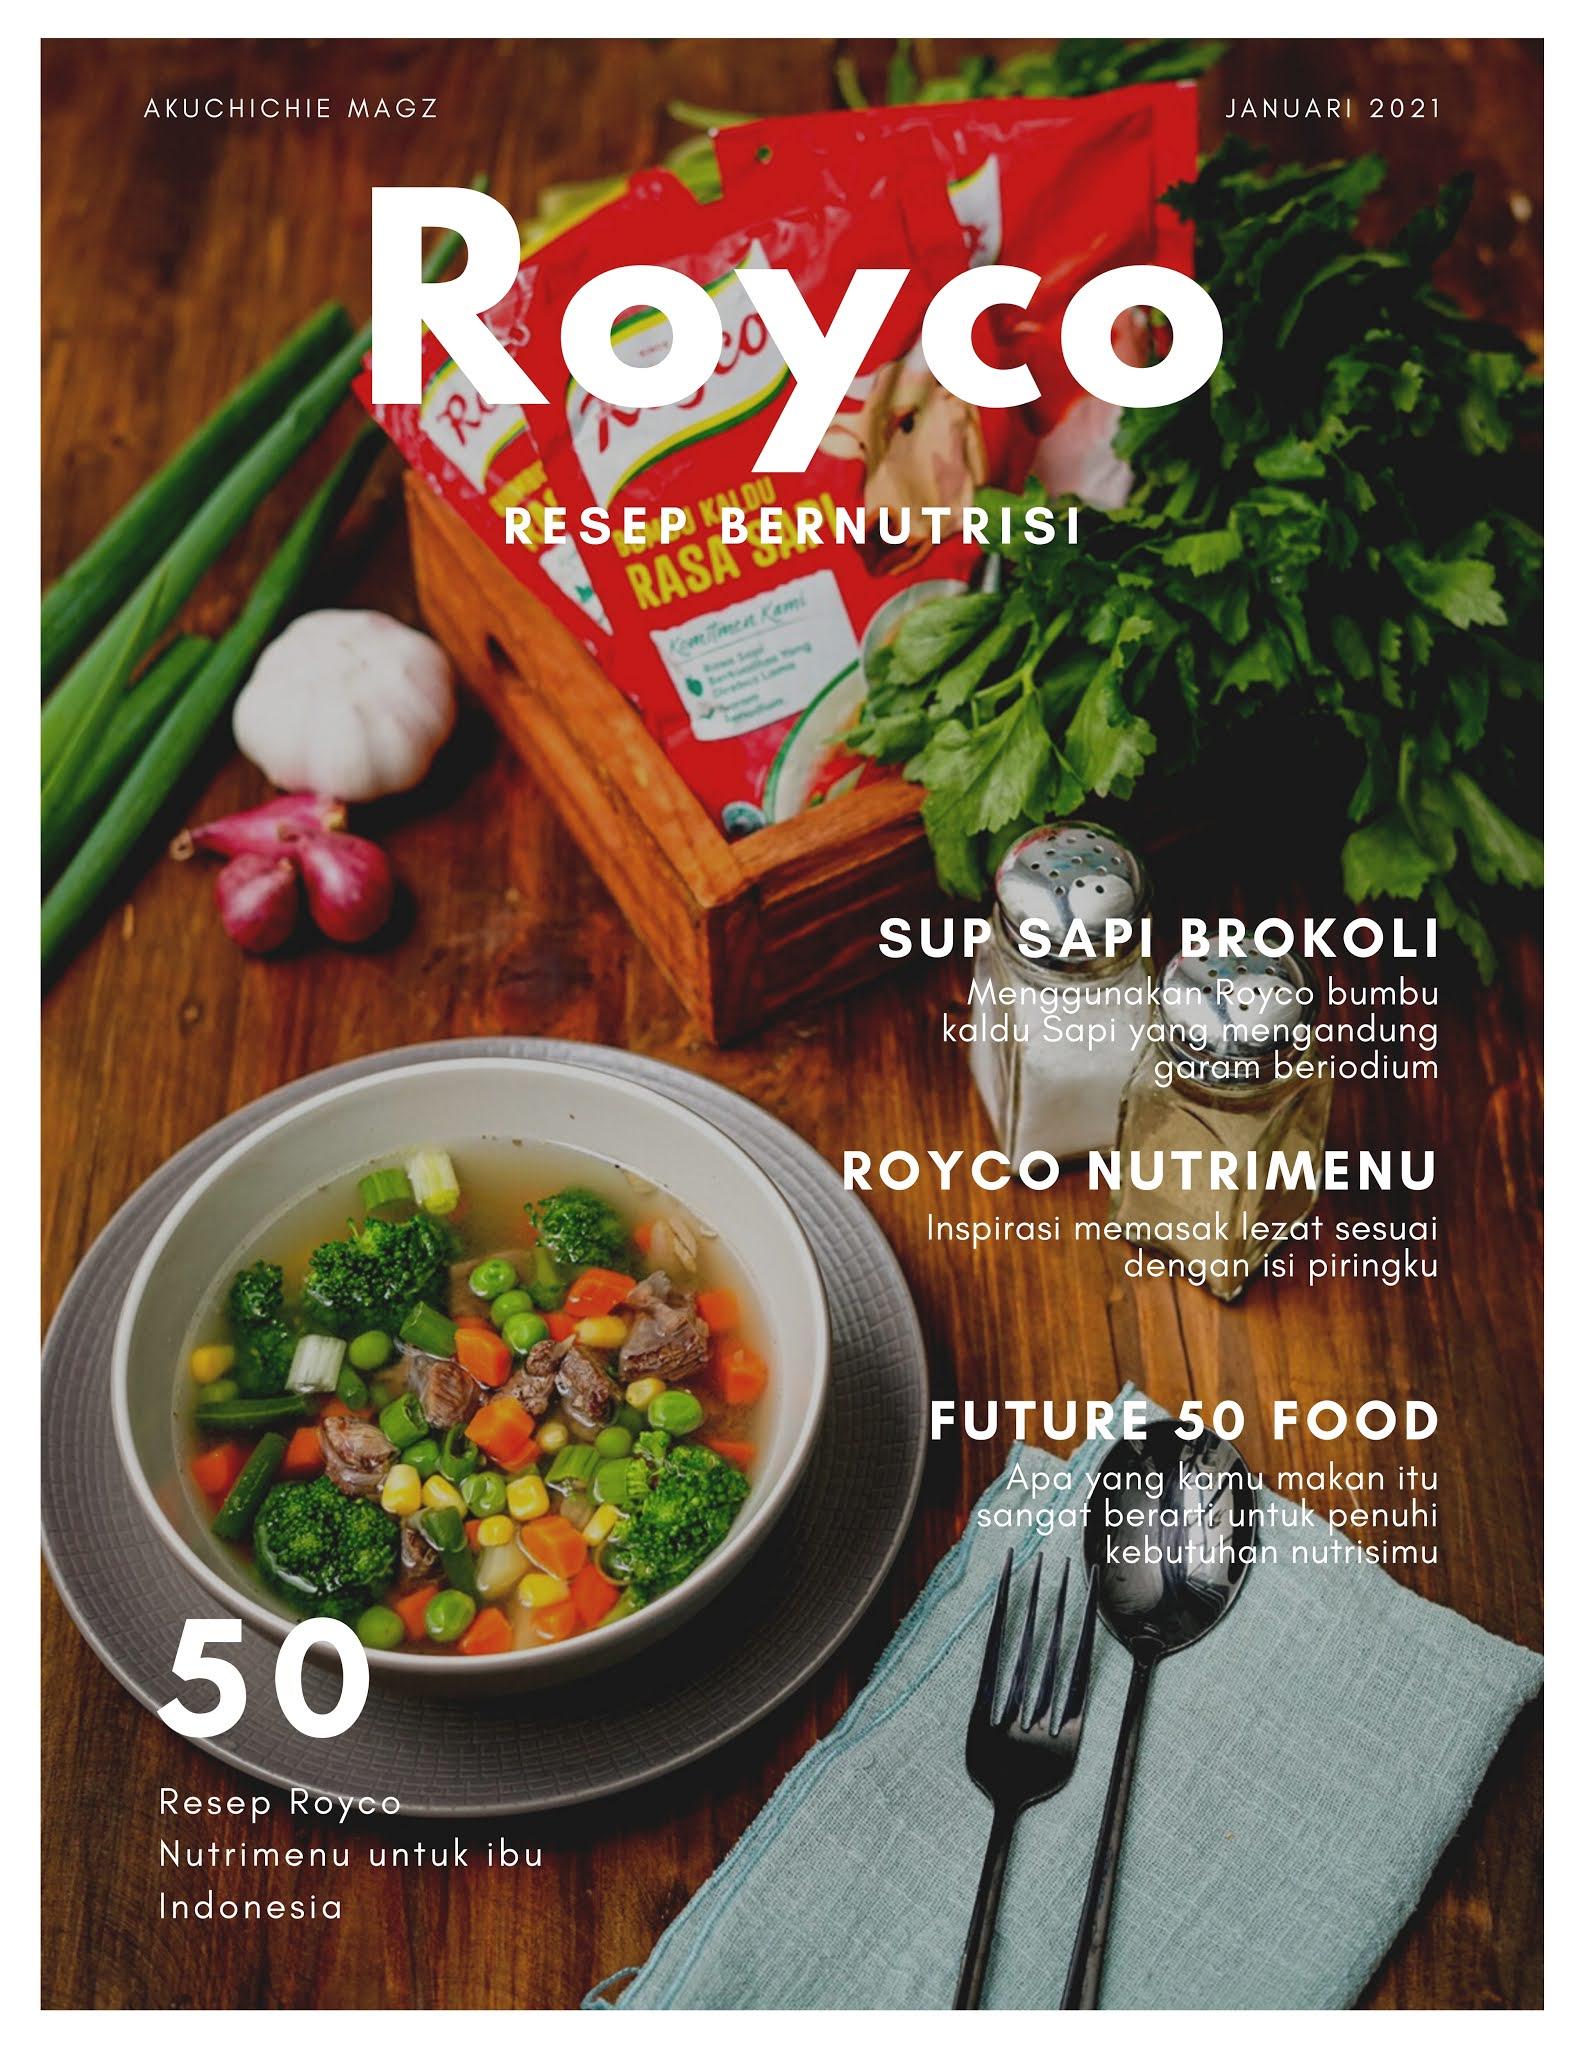 Royco Garam Beriodium